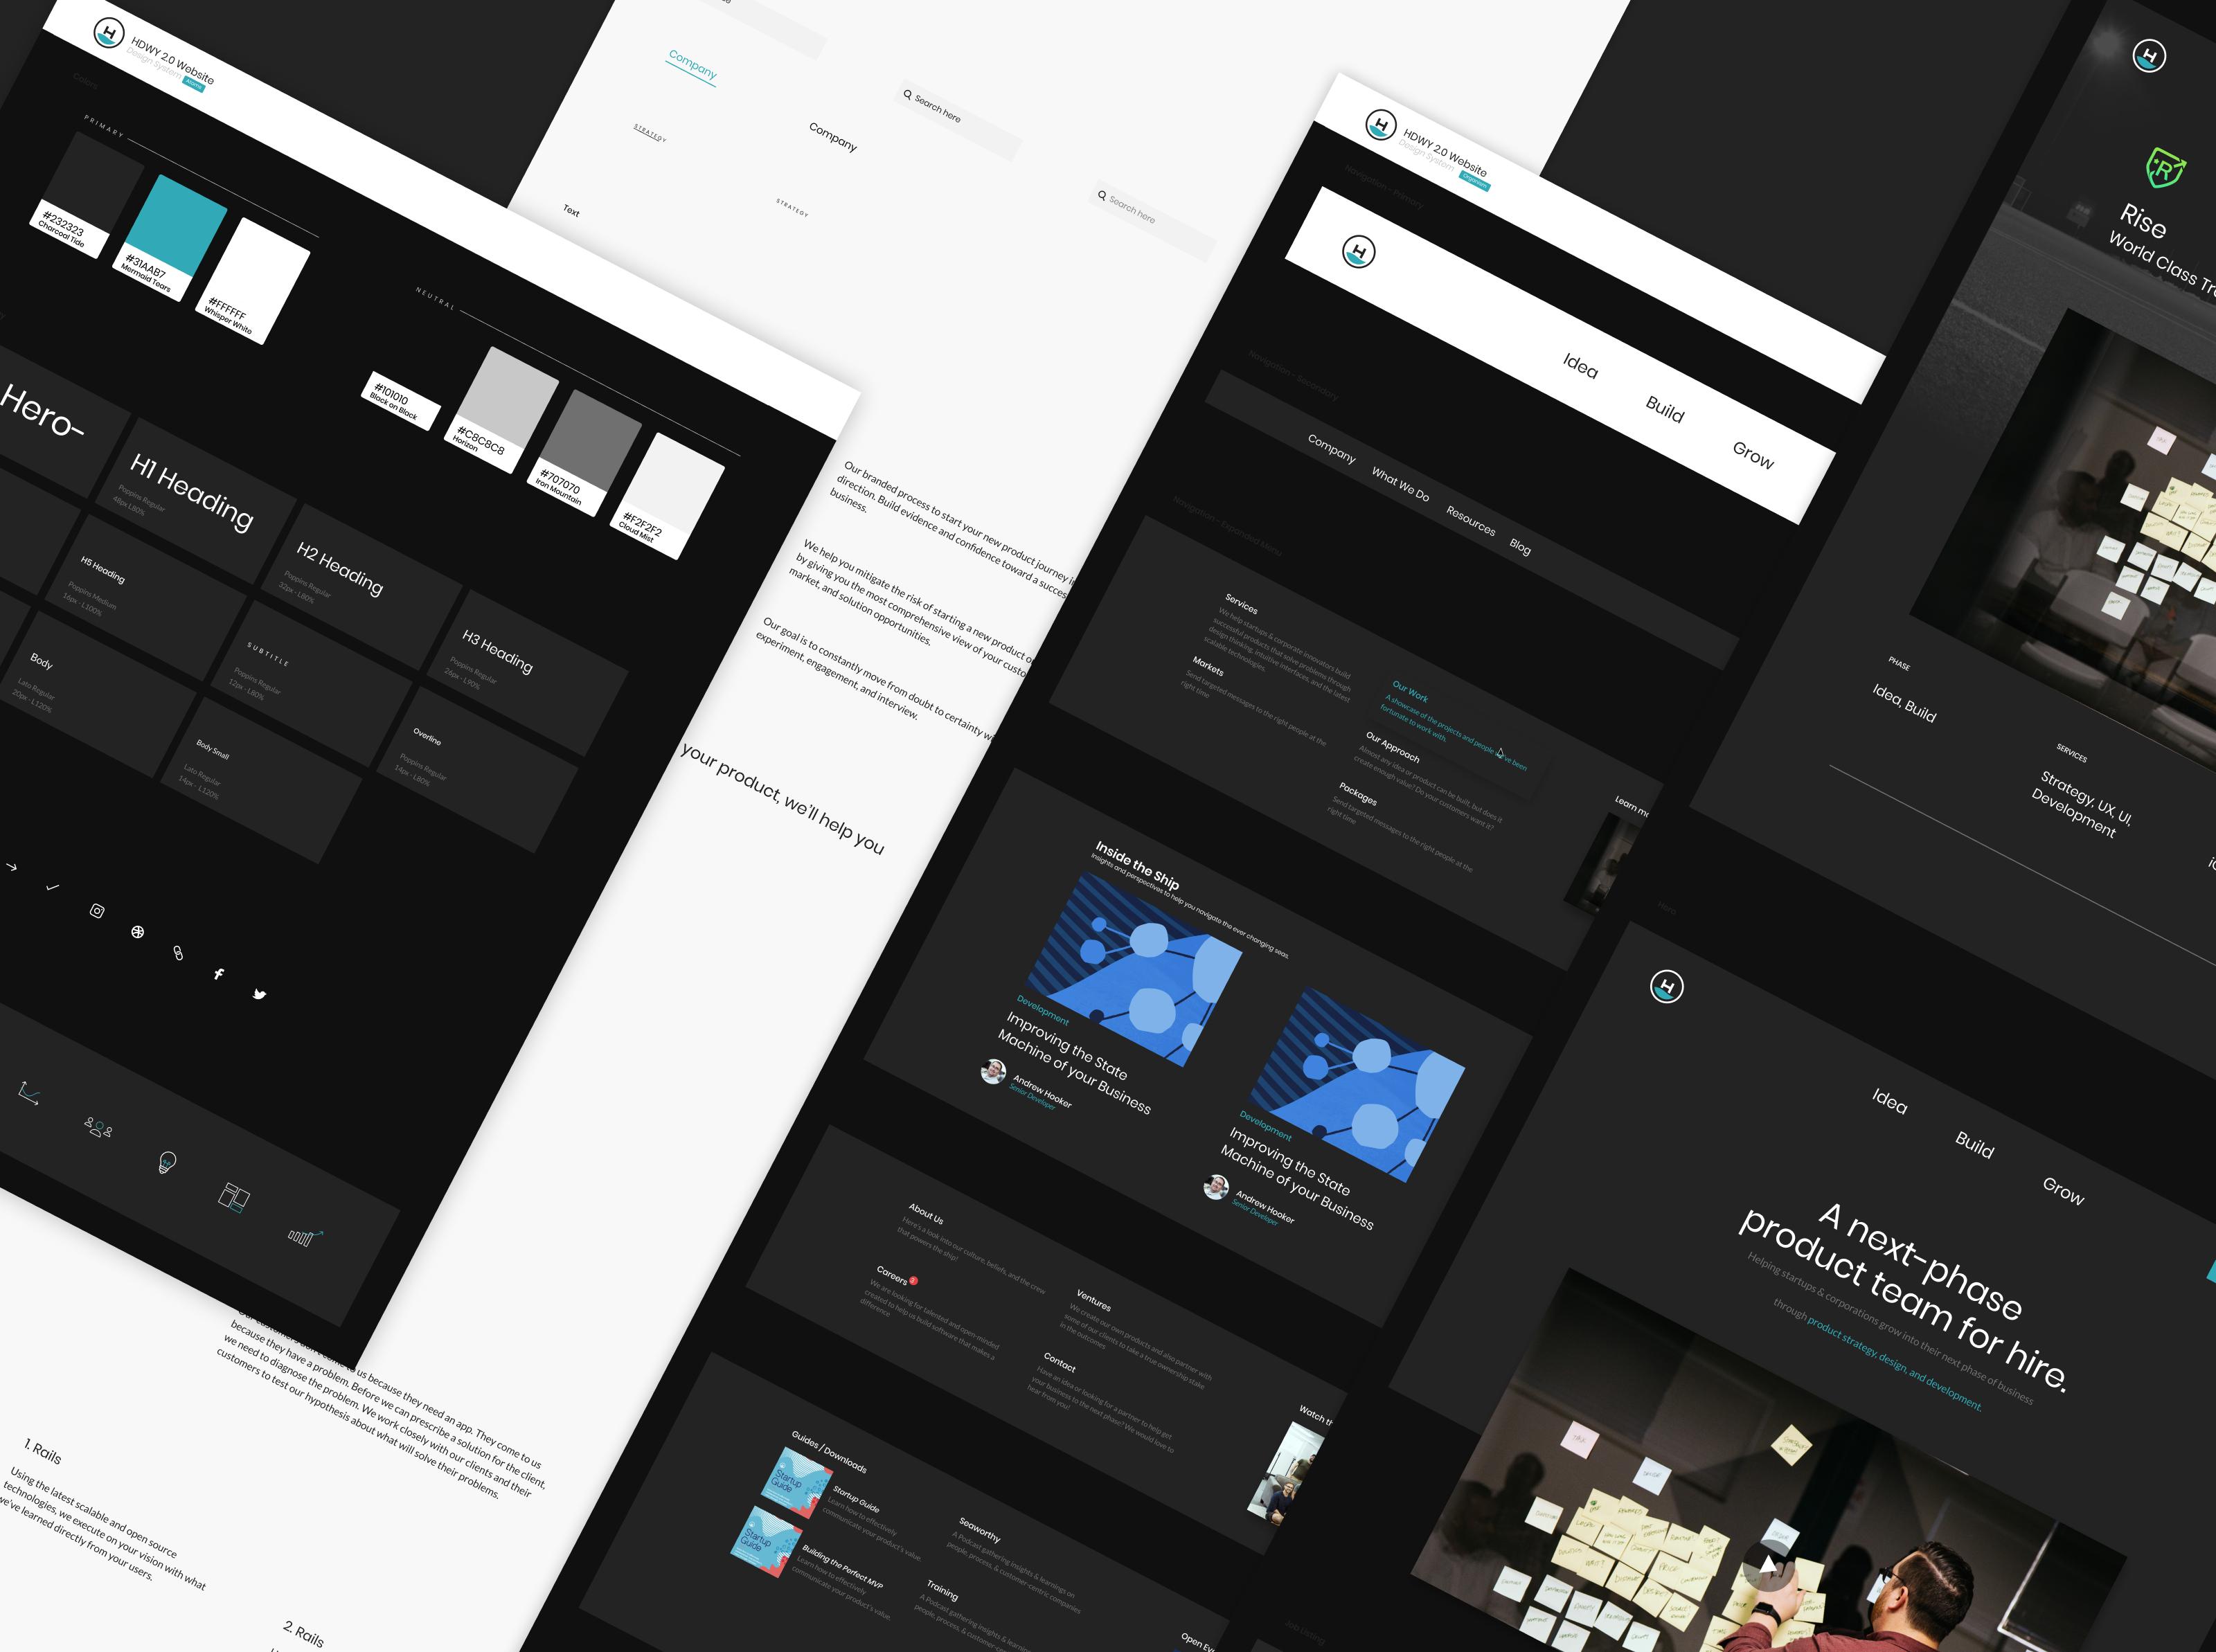 Hdwy 2.0 design system